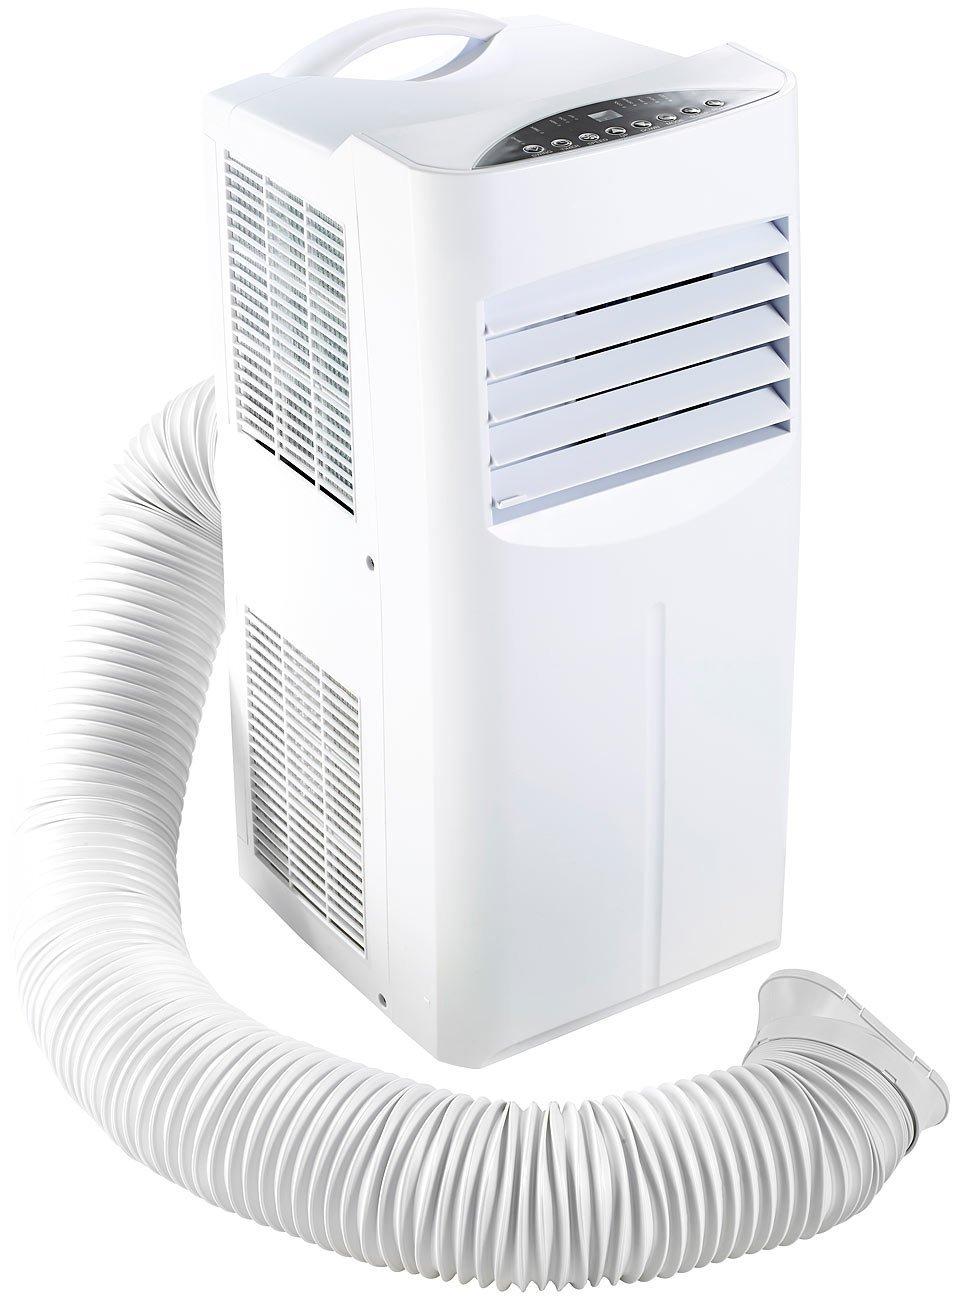 sichler mobile klimaanlage 7000 btu/h im test